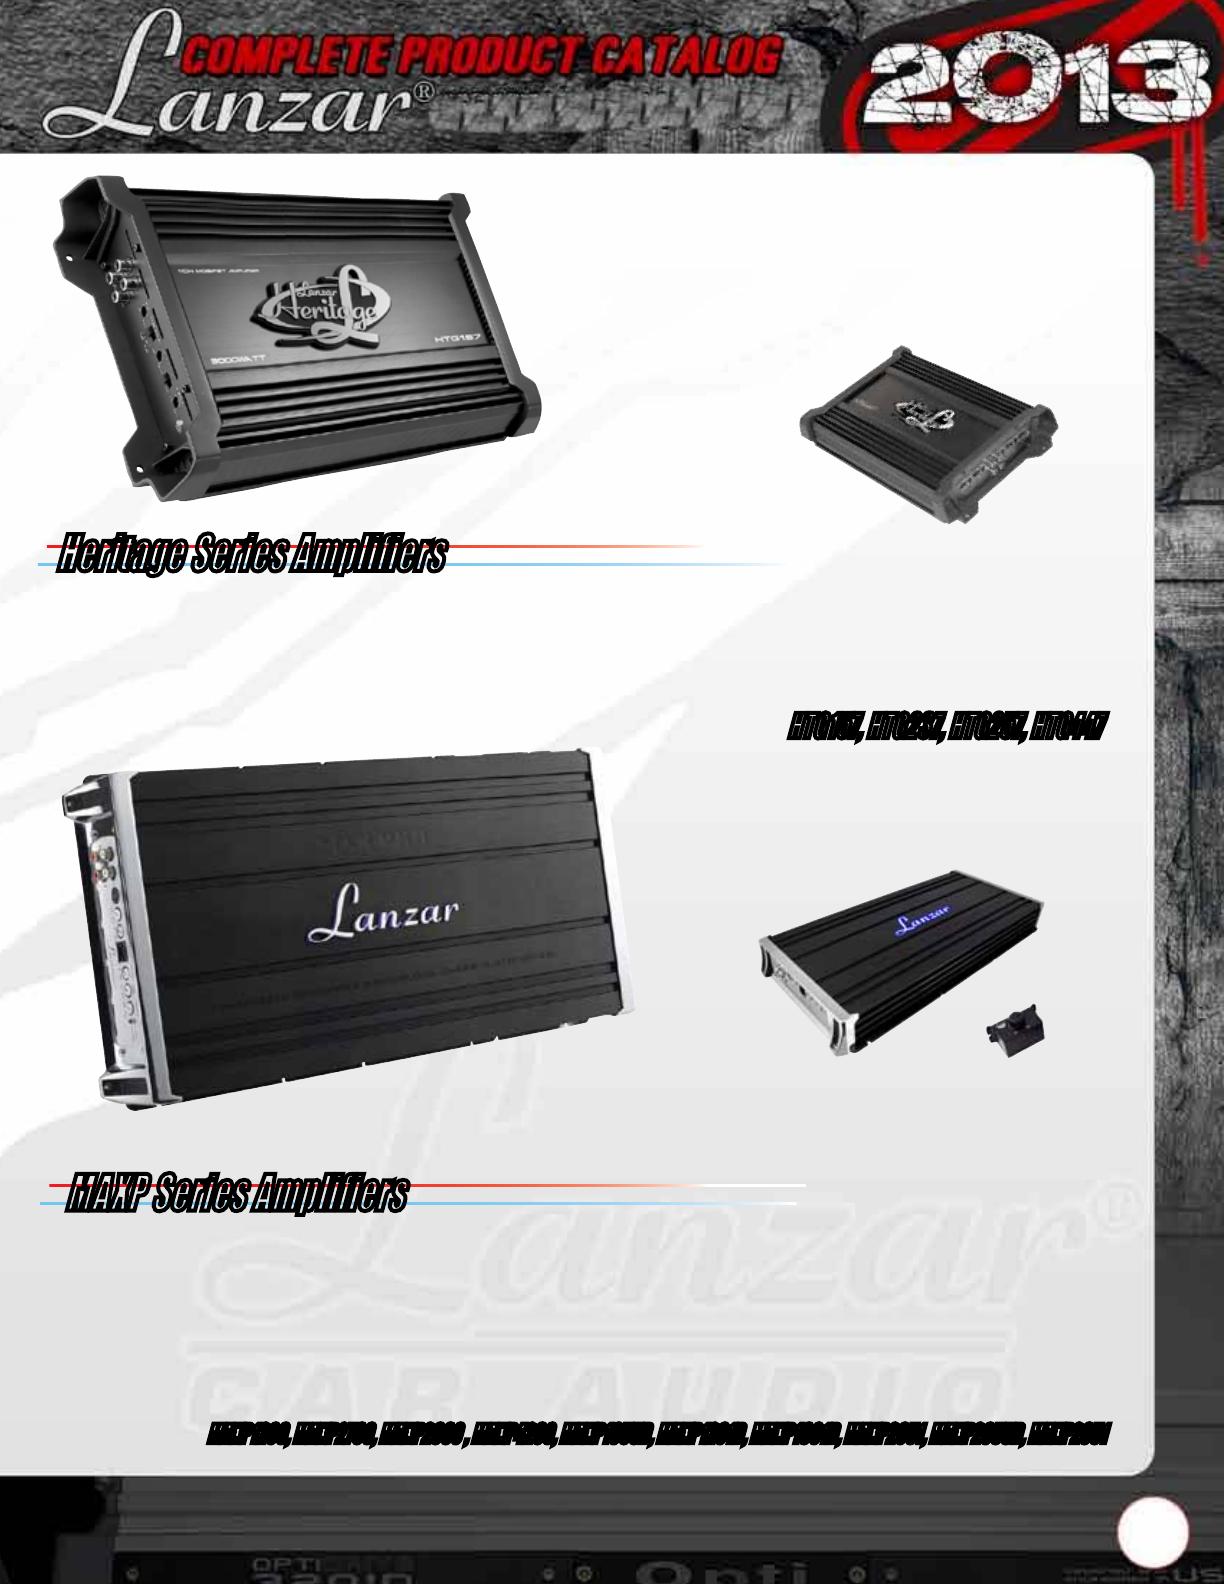 Lanzar Speakers Installation Instructions Max Mxa224 Catalog Lanzarr Ampkit4 4 Gauge Contaq Amplifier Wiring Kit Htg157htg447